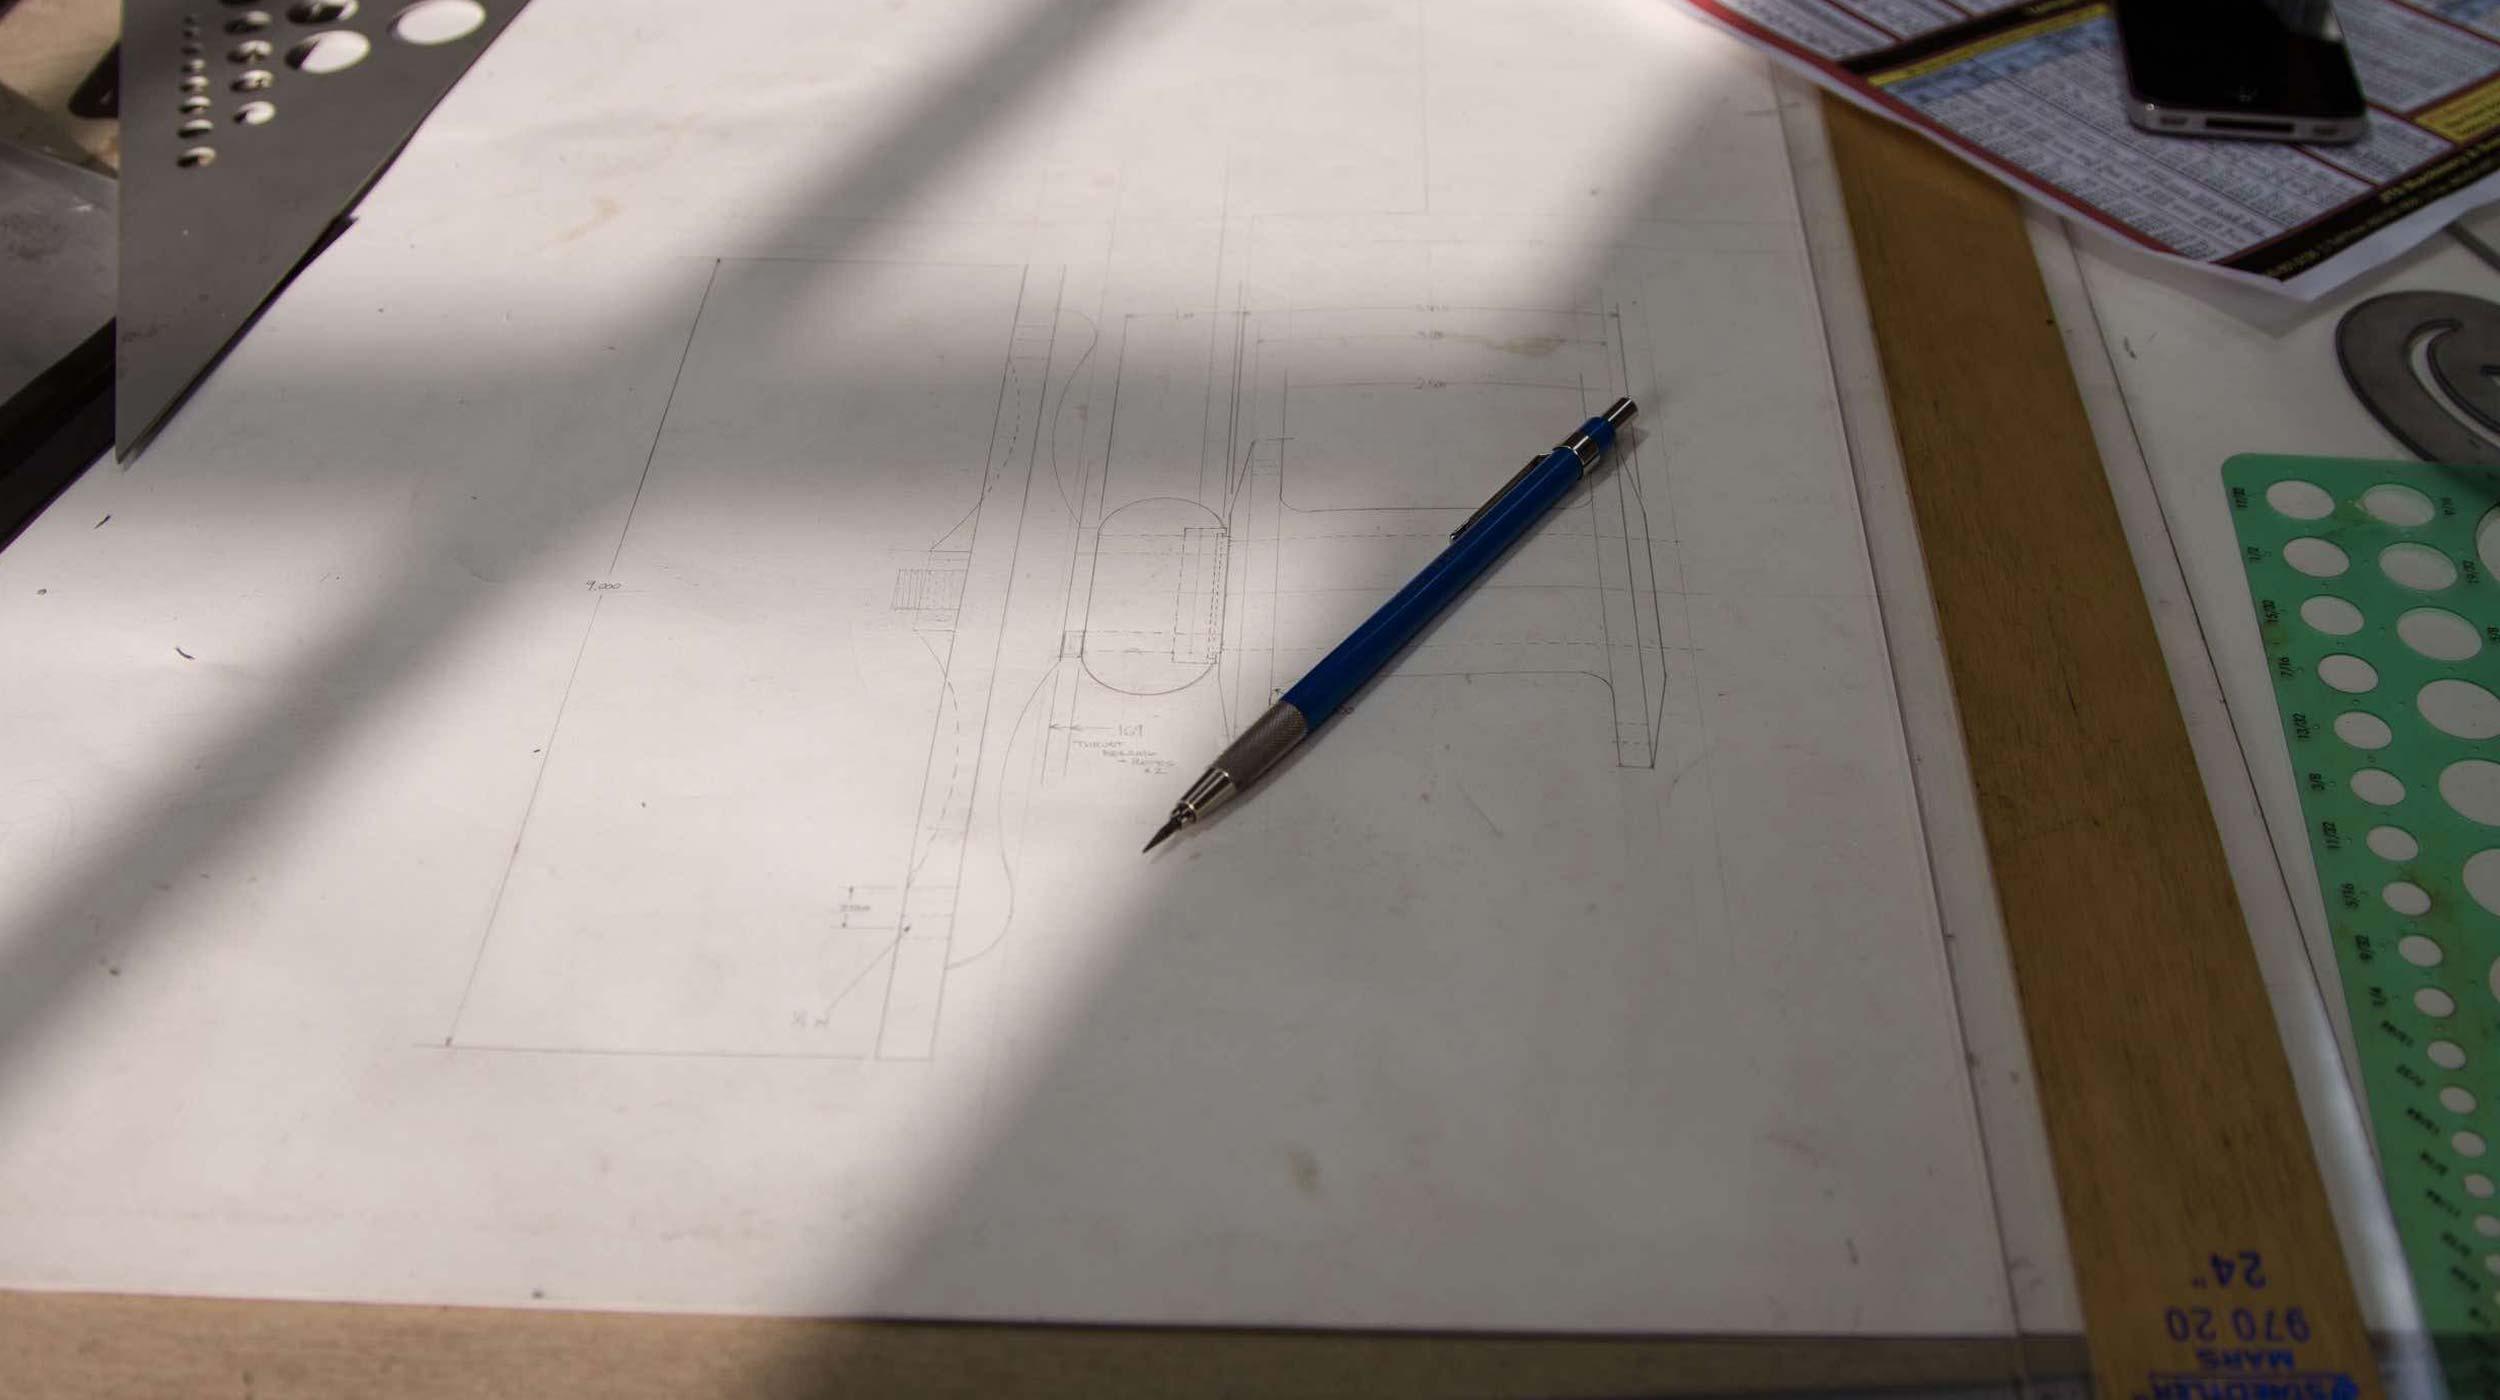 White-Rear-Axel-Sketch-Web.jpg